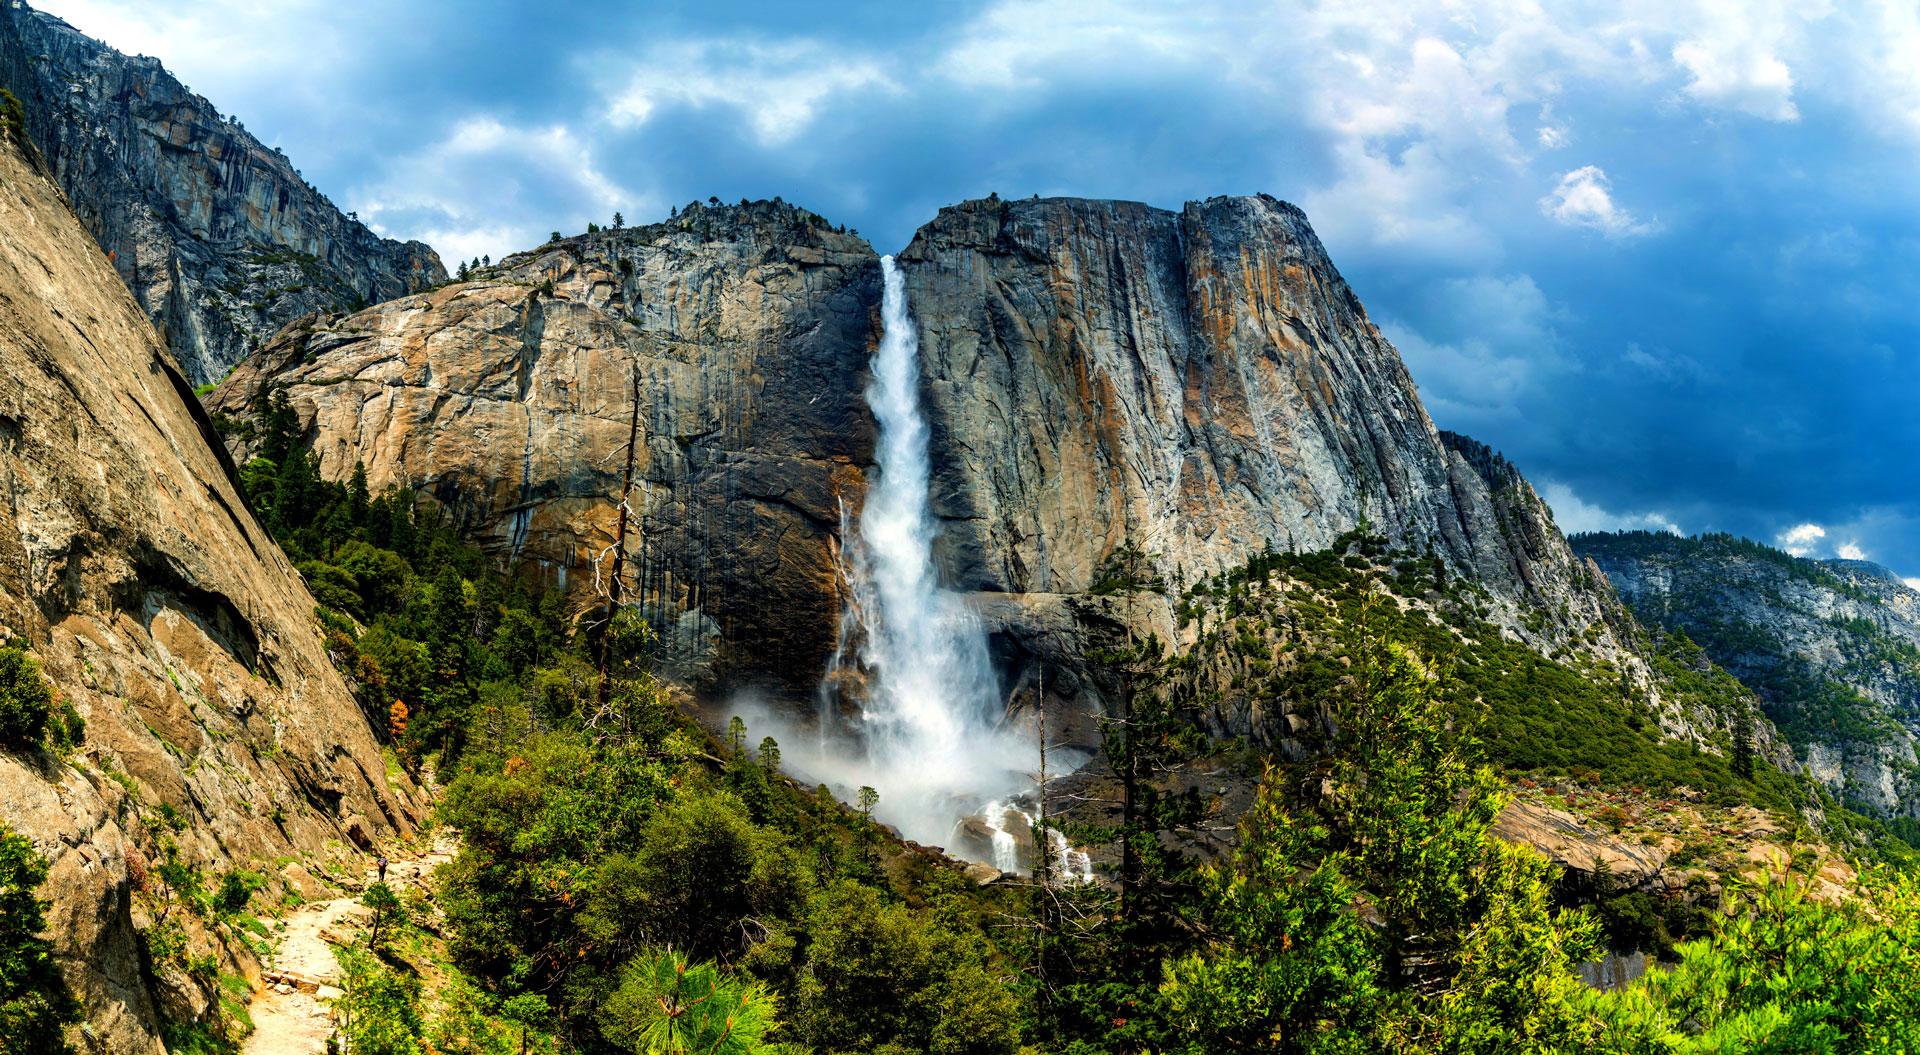 Yosemite-Falls-WishandFly-vuelos-baratos-viaje-sorpresa